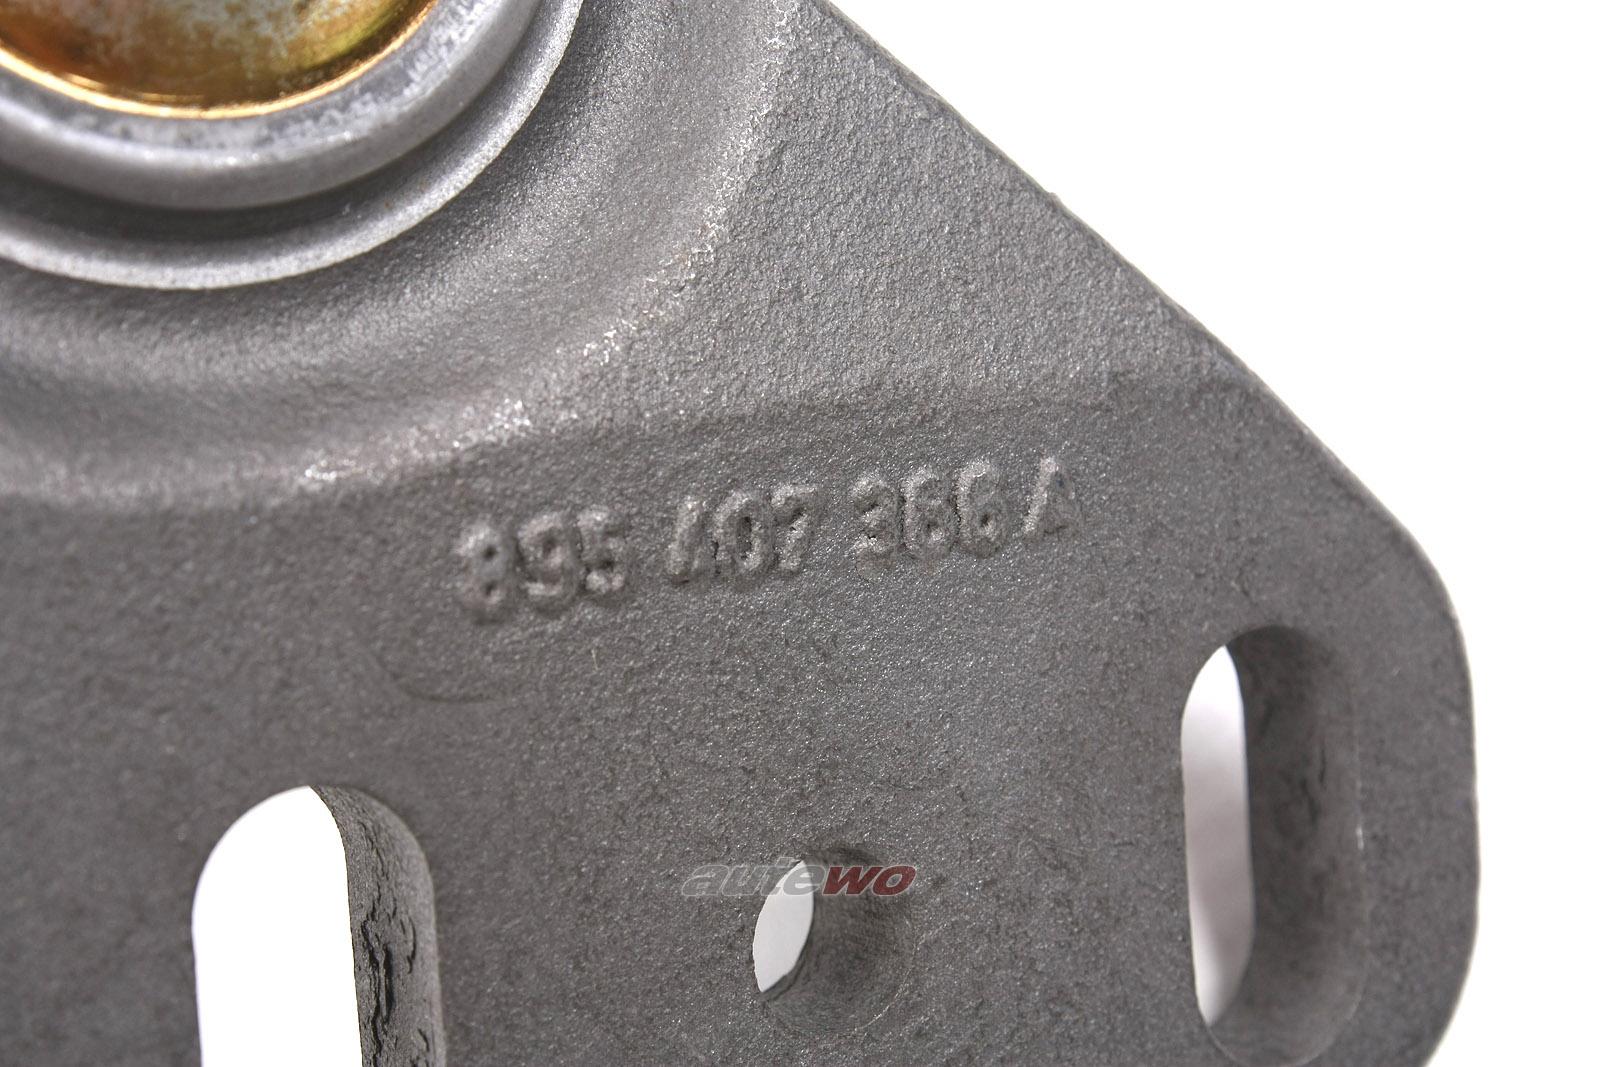 895407366A NEU Audi S2 Coupe Typ 89/B4/RS2 P1 Traggelenk Gussquerlenker VR